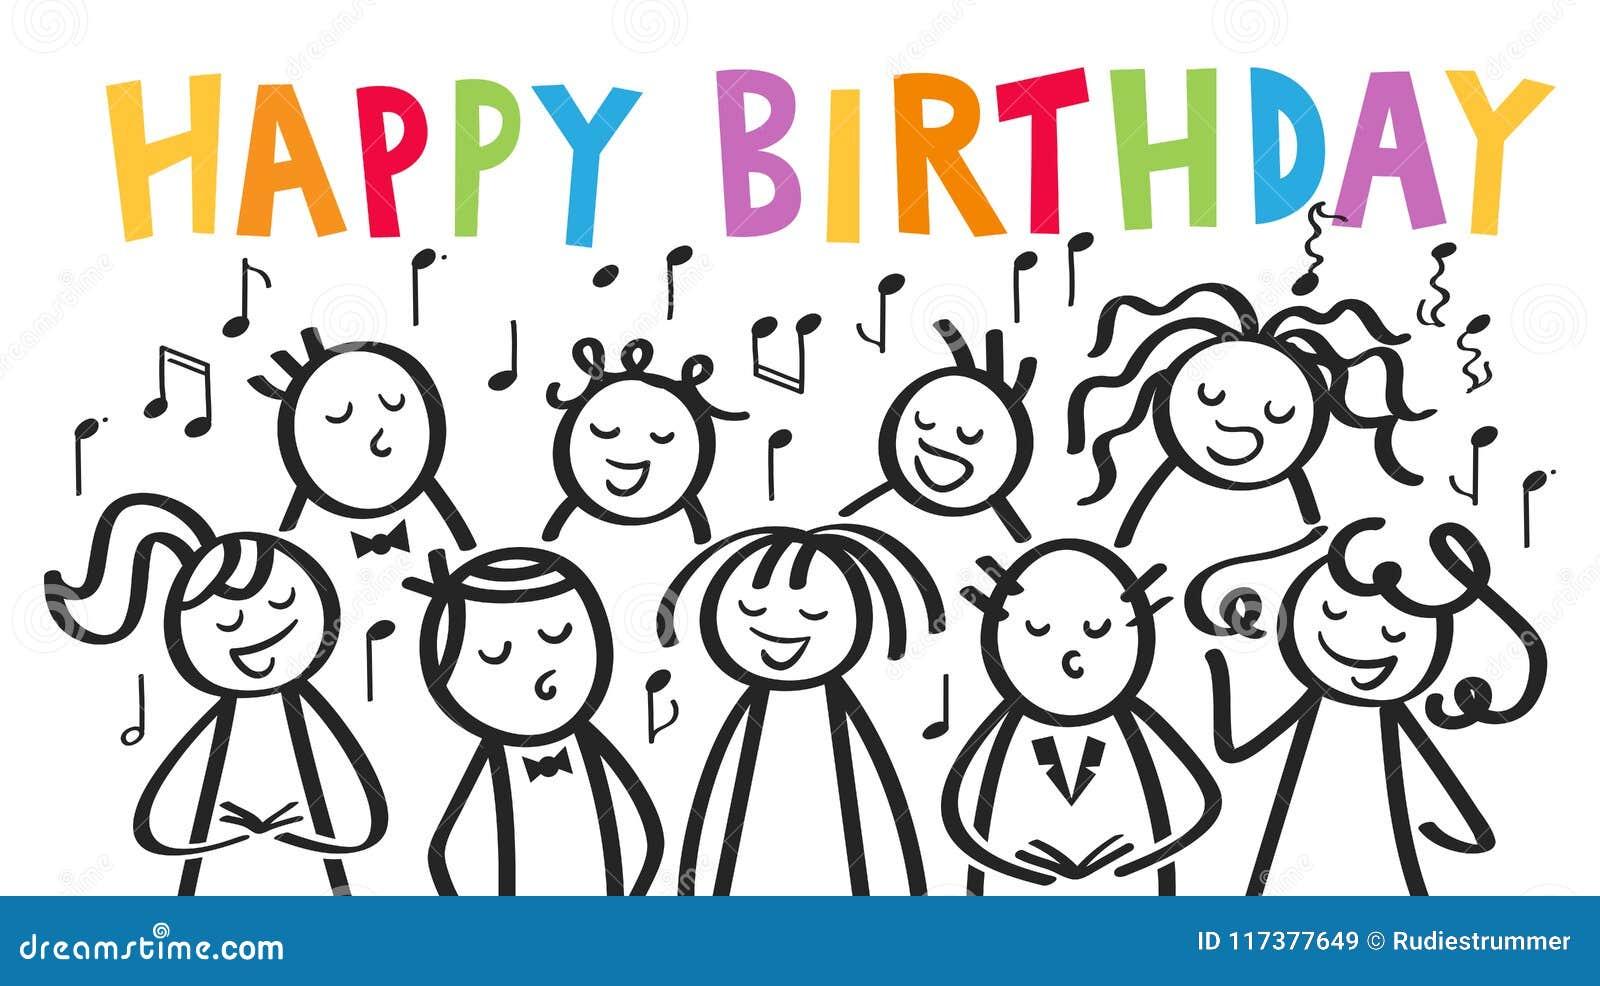 Il Coro Gli Uomini E Le Donne Cantanti Il Buon Compleanno Bastone